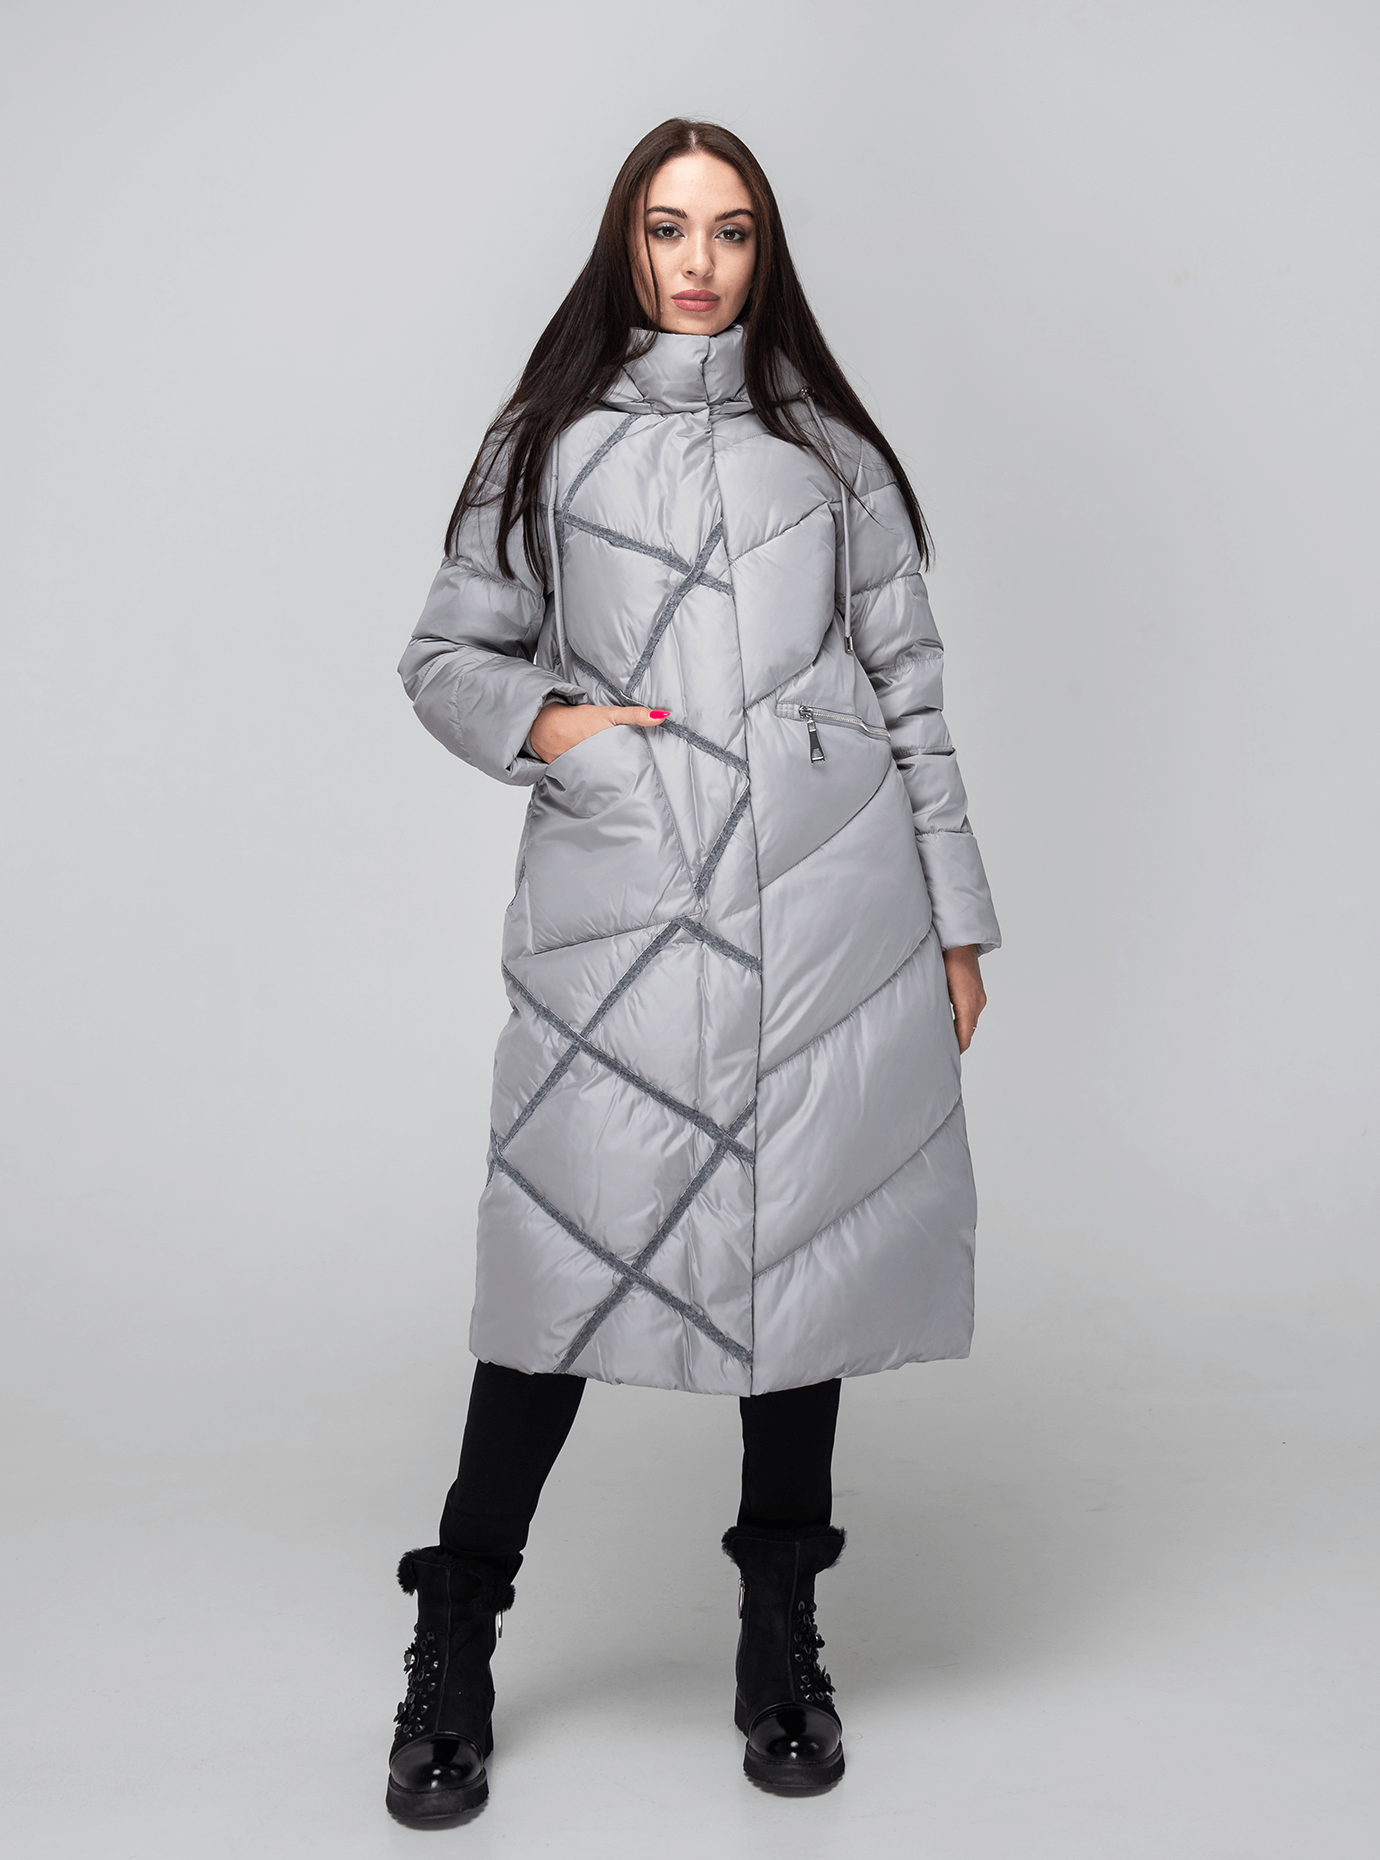 Зимняя женская куртка стёганая Серый M (02-190207): фото - Alster.ua